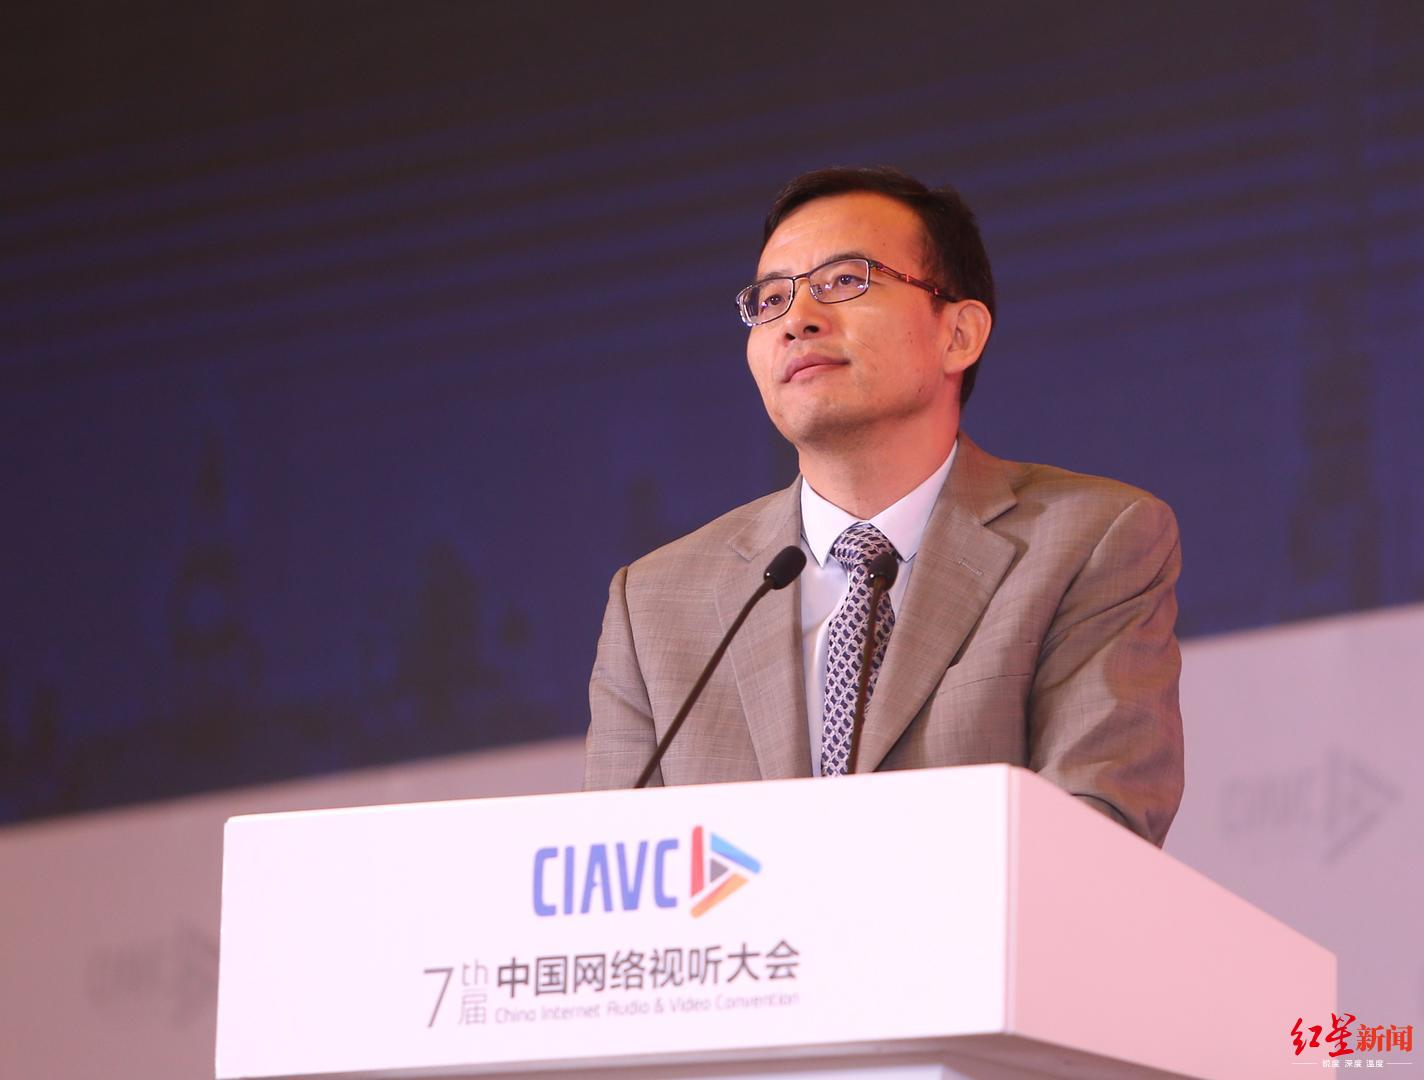 华为战略部总裁:VR的蓝海在应用于影院、比赛